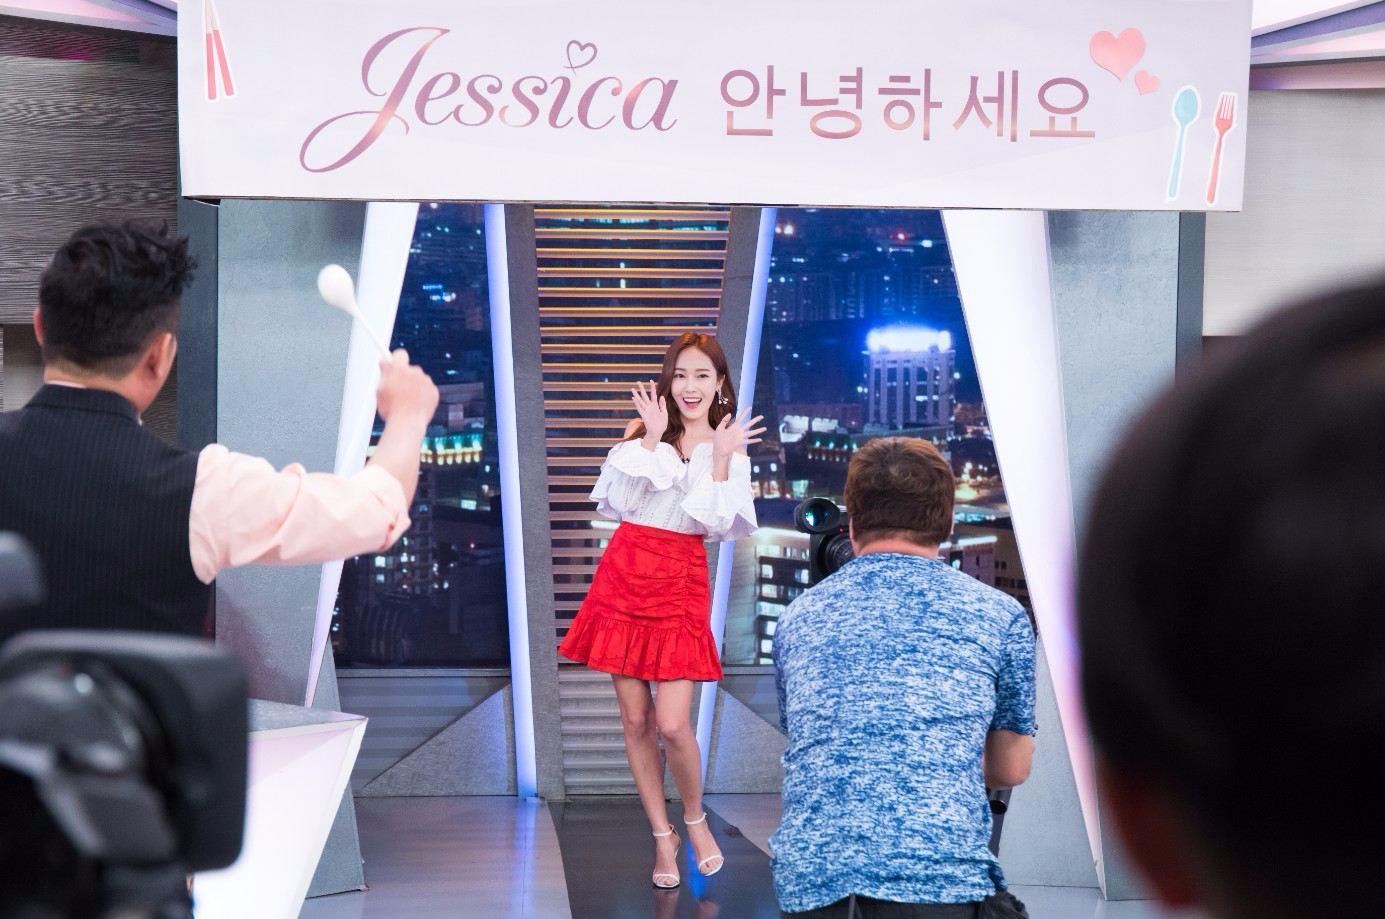 這也是潔西卡第一次錄製台灣道地節目,讓不少粉絲可是驚呼「超神奇」。再加上主持人「曾國城」一直都是粉絲間讚賞的「幽默王」也讓大家更加期待兩人會擦出什麼樣的火花。